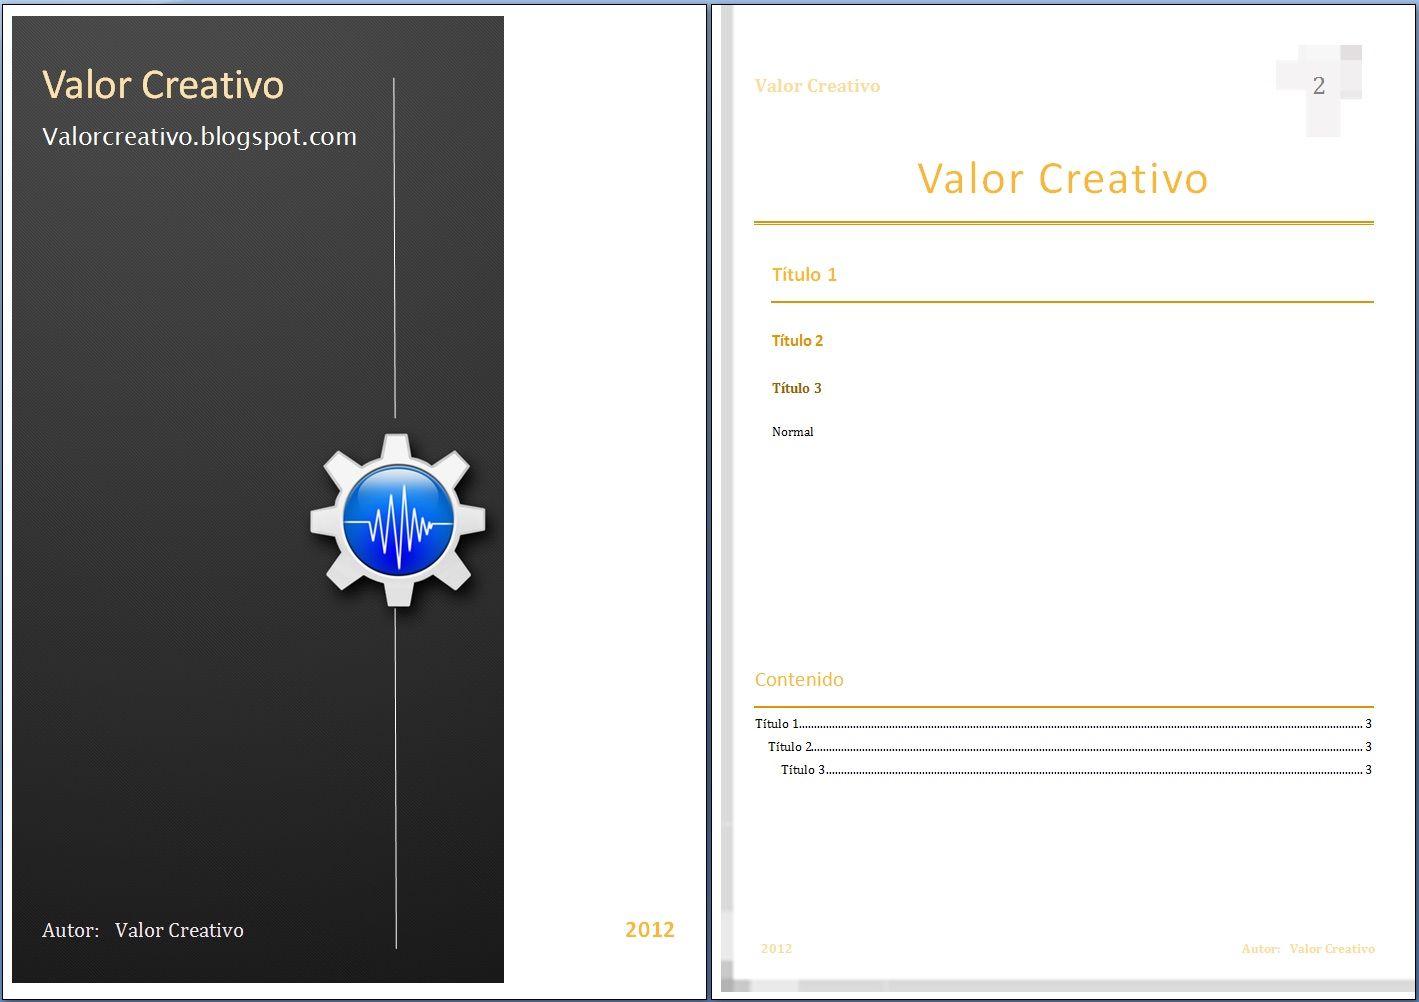 Valor Creativo: Plantillas Word 2003, 2007, 2010 y 2013 | chicas ...